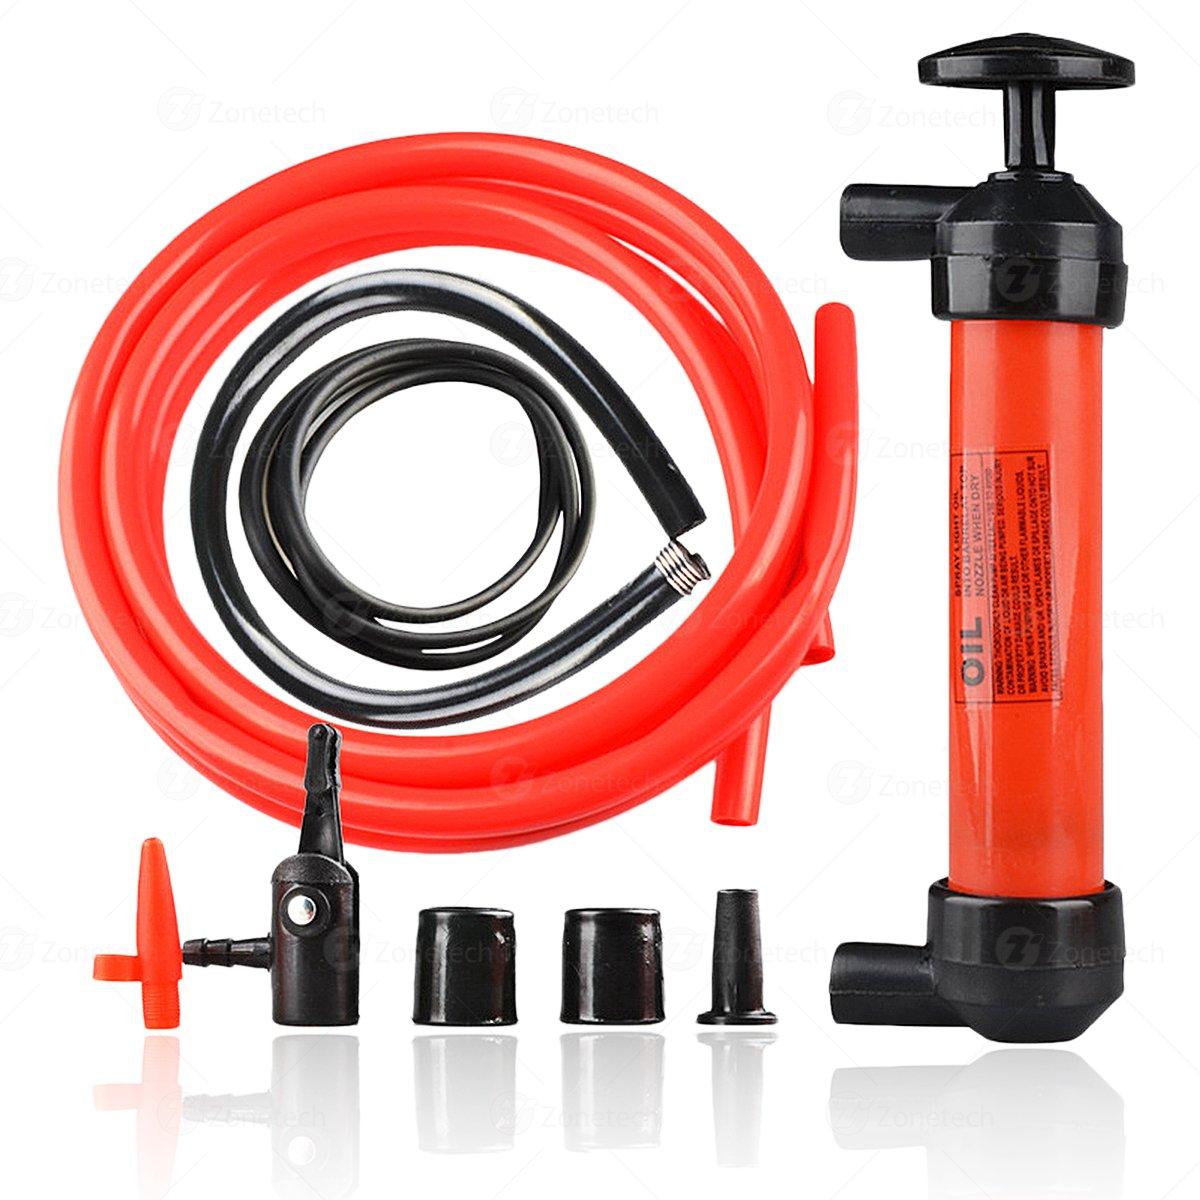 Siphon Gas Liquid Air Pump -Zone Tech Hand Gas Liquid Air Pump- Fluid Fuel Oil Gasoline Water-Travel Emergency Manual Vehicle Car Tool PU0002